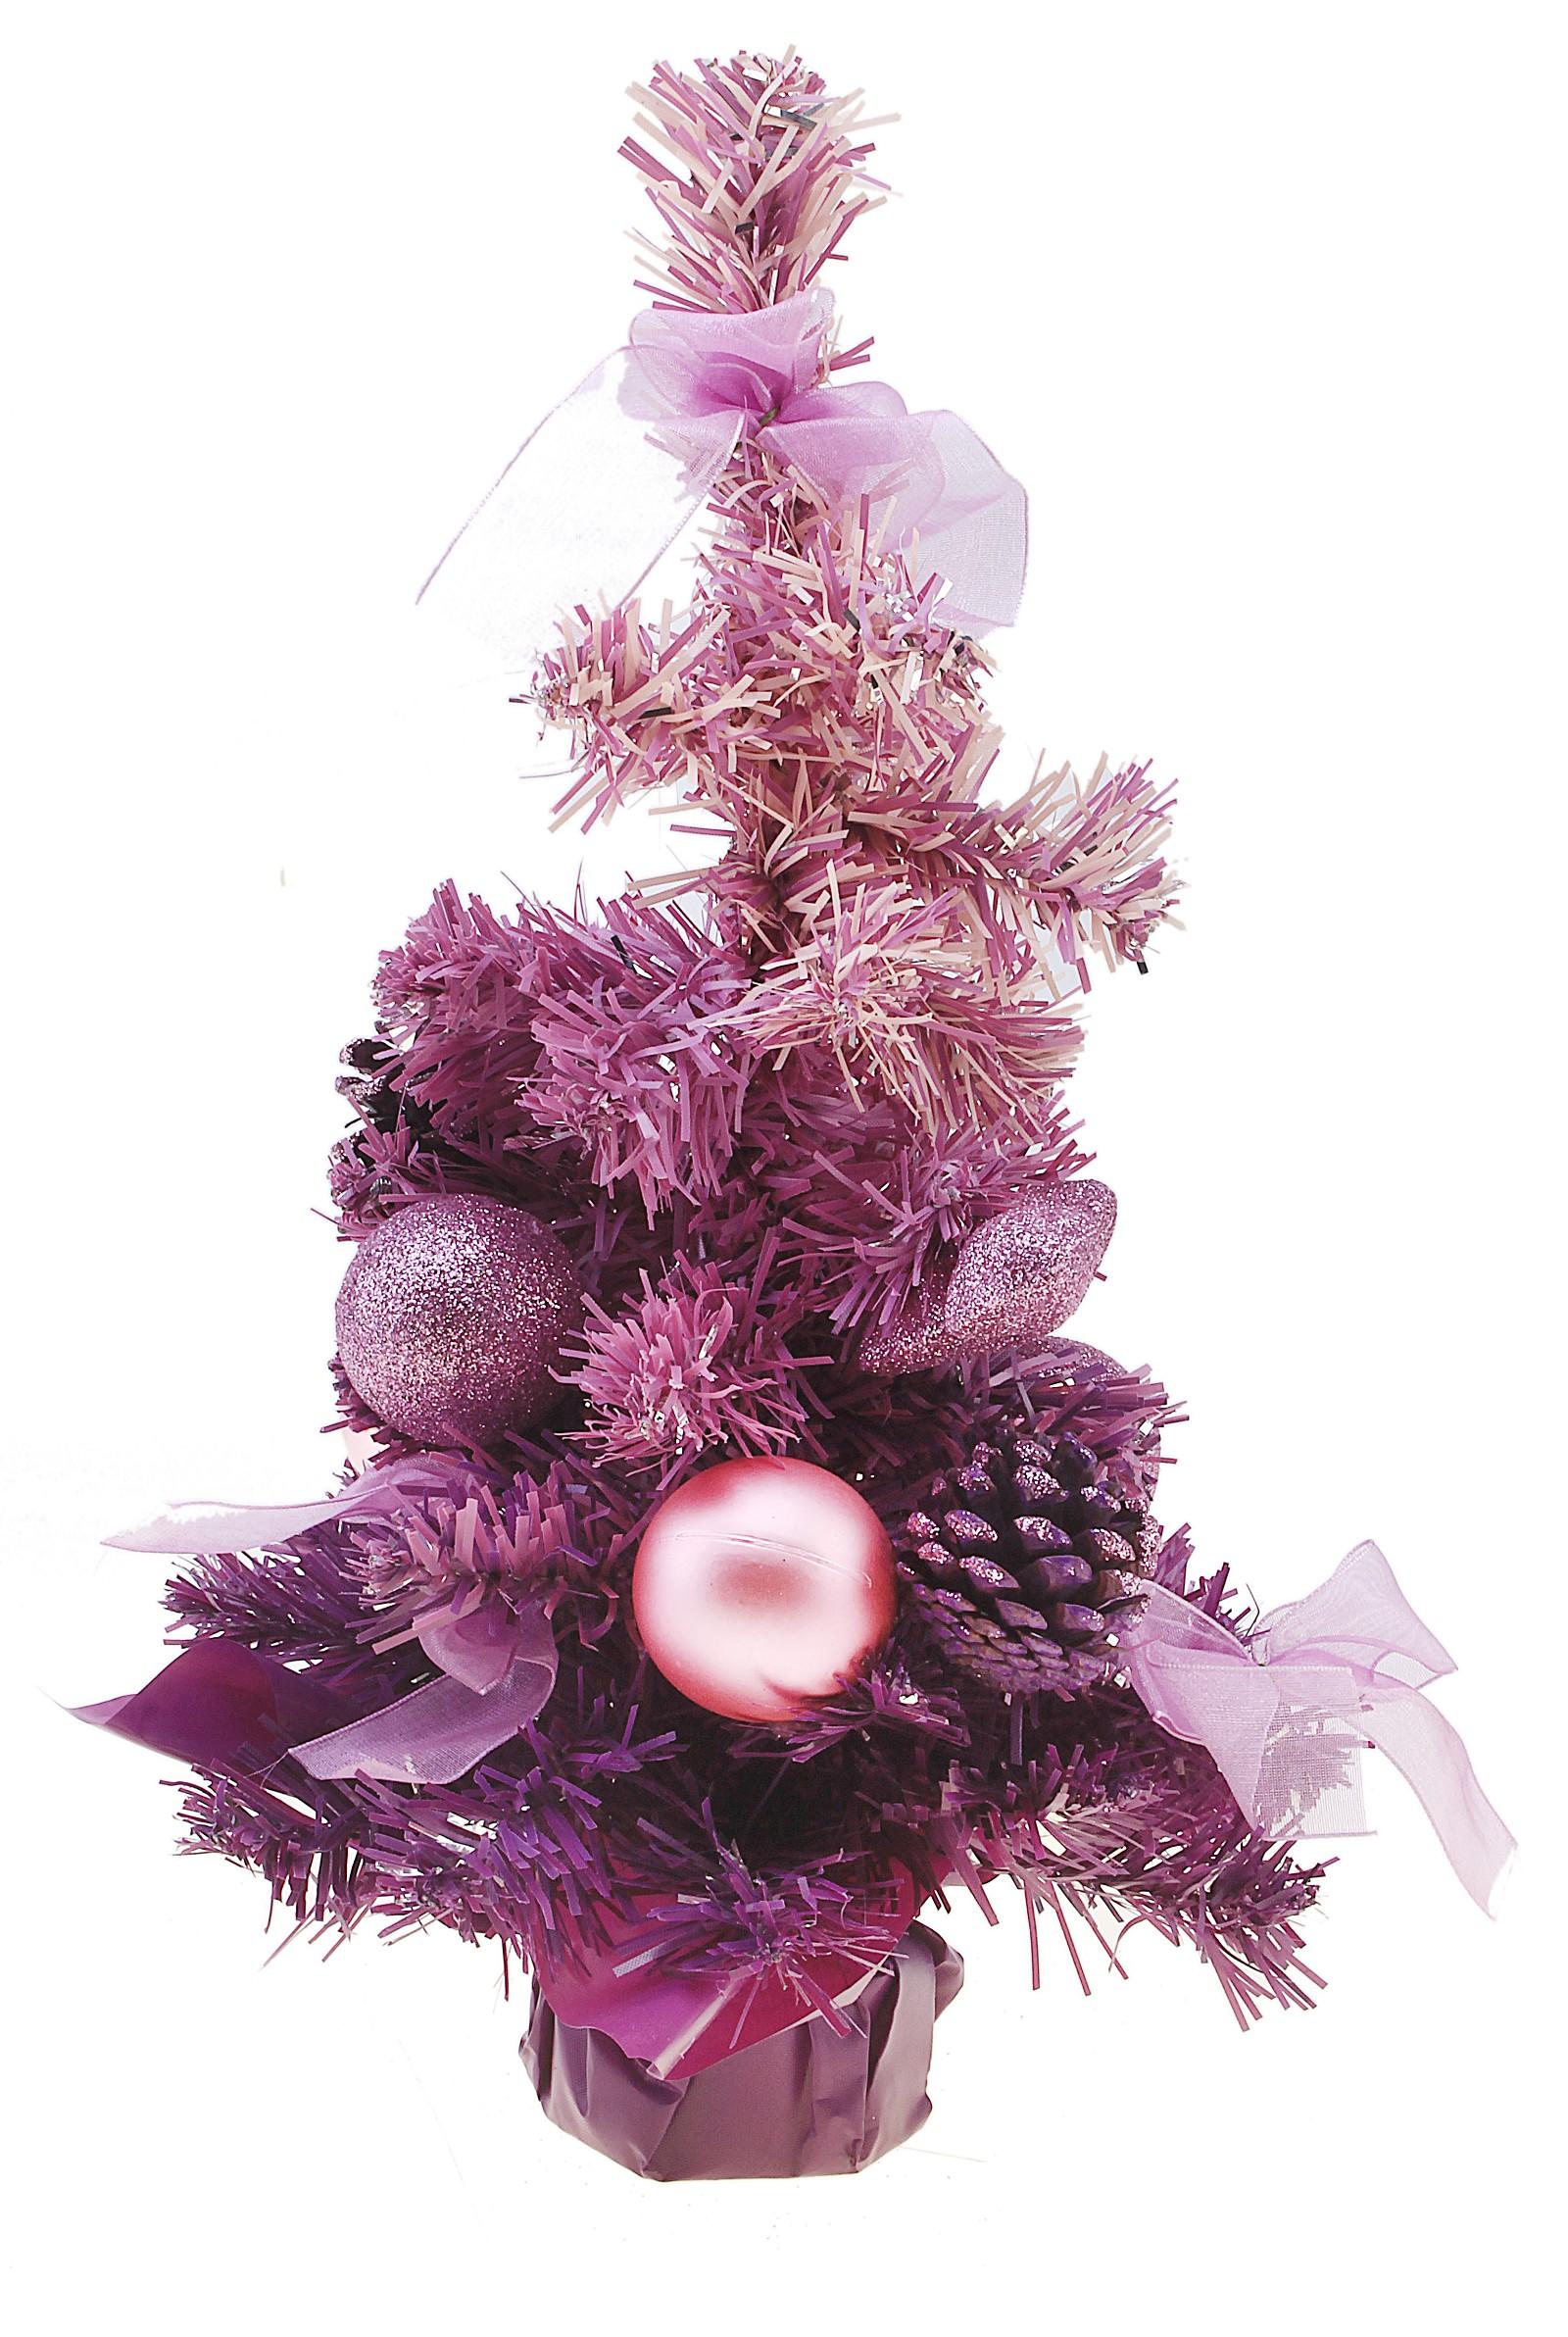 Декоративное украшение Новогодняя елочка, цвет: фиолетовый, высота 31 см. 542621542621Декоративное украшение, выполненное из пластика - мини-елочка фиолетового цвета для оформления интерьера к Новому году. Ее не нужно ни собирать, ни наряжать, зато настроение праздника она создает очень быстро. Елка украшена шишками, лентами, елочными игрушками и шариками. Елка украсит интерьер вашего дома или офиса к Новому году и создаст теплую и уютную атмосферу праздника.Откройте для себя удивительный мир сказок и грез. Почувствуйте волшебные минуты ожидания праздника, создайте новогоднее настроение вашим дорогим и близким. Характеристики:Материал: пластик, металл, текстиль. Цвет: фиолетовый. Размер елочки: 17 см х 17 см х 31 см. Артикул: 542621.